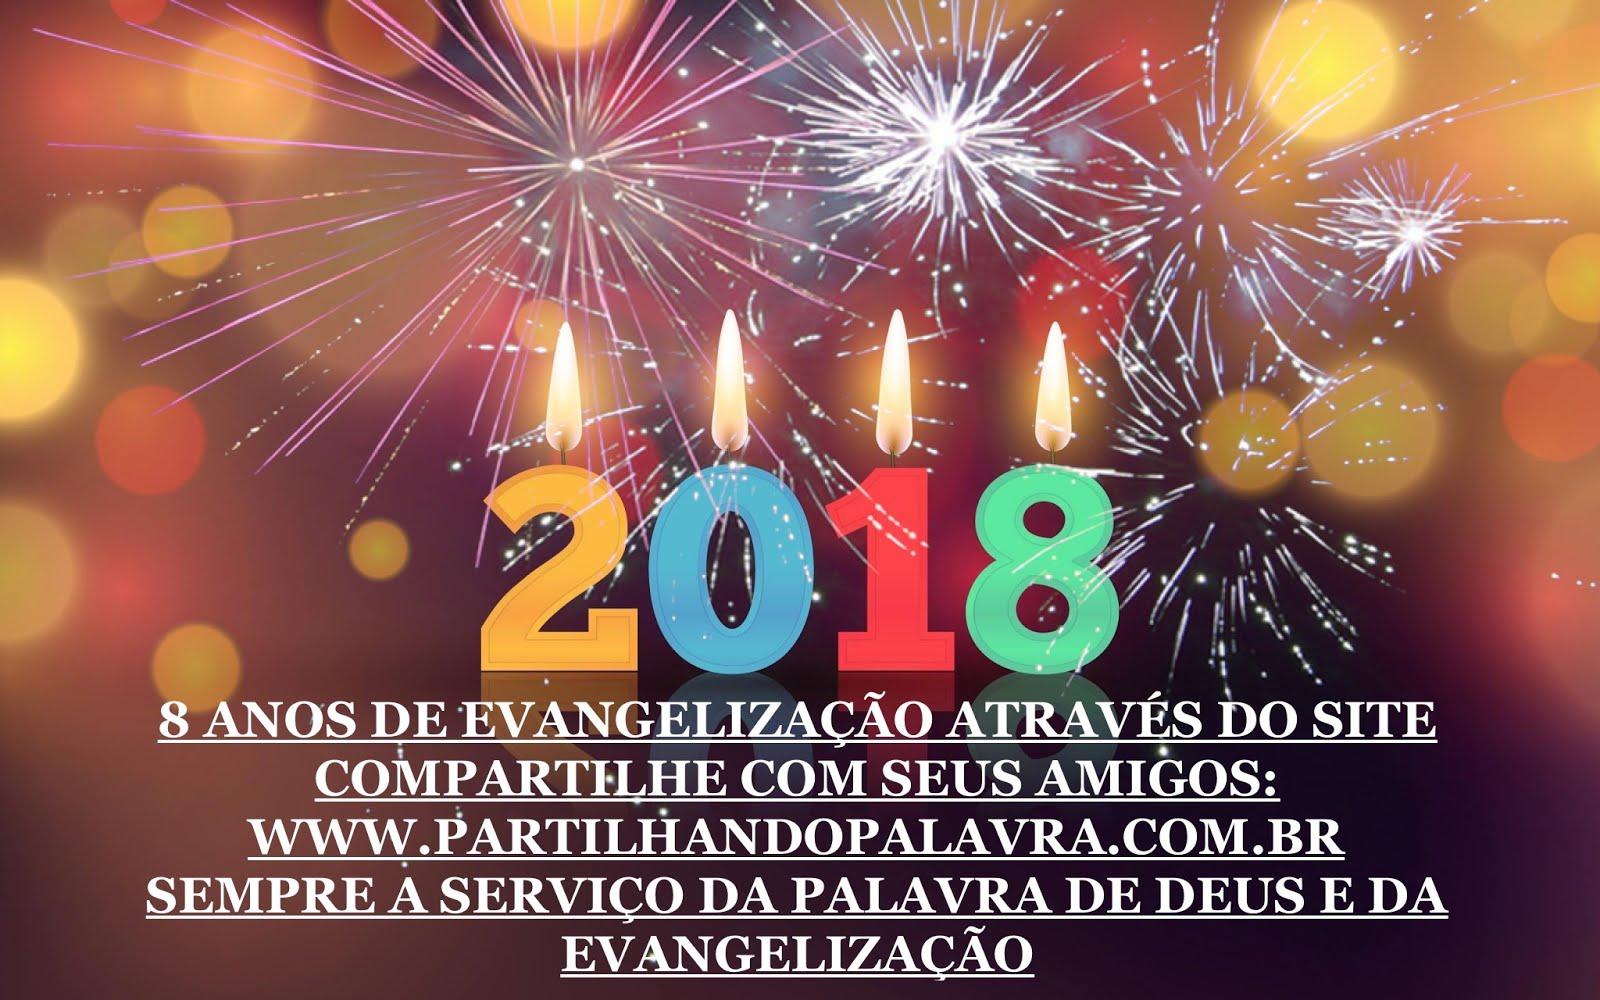 2018 - 8 Anos de Evangelização